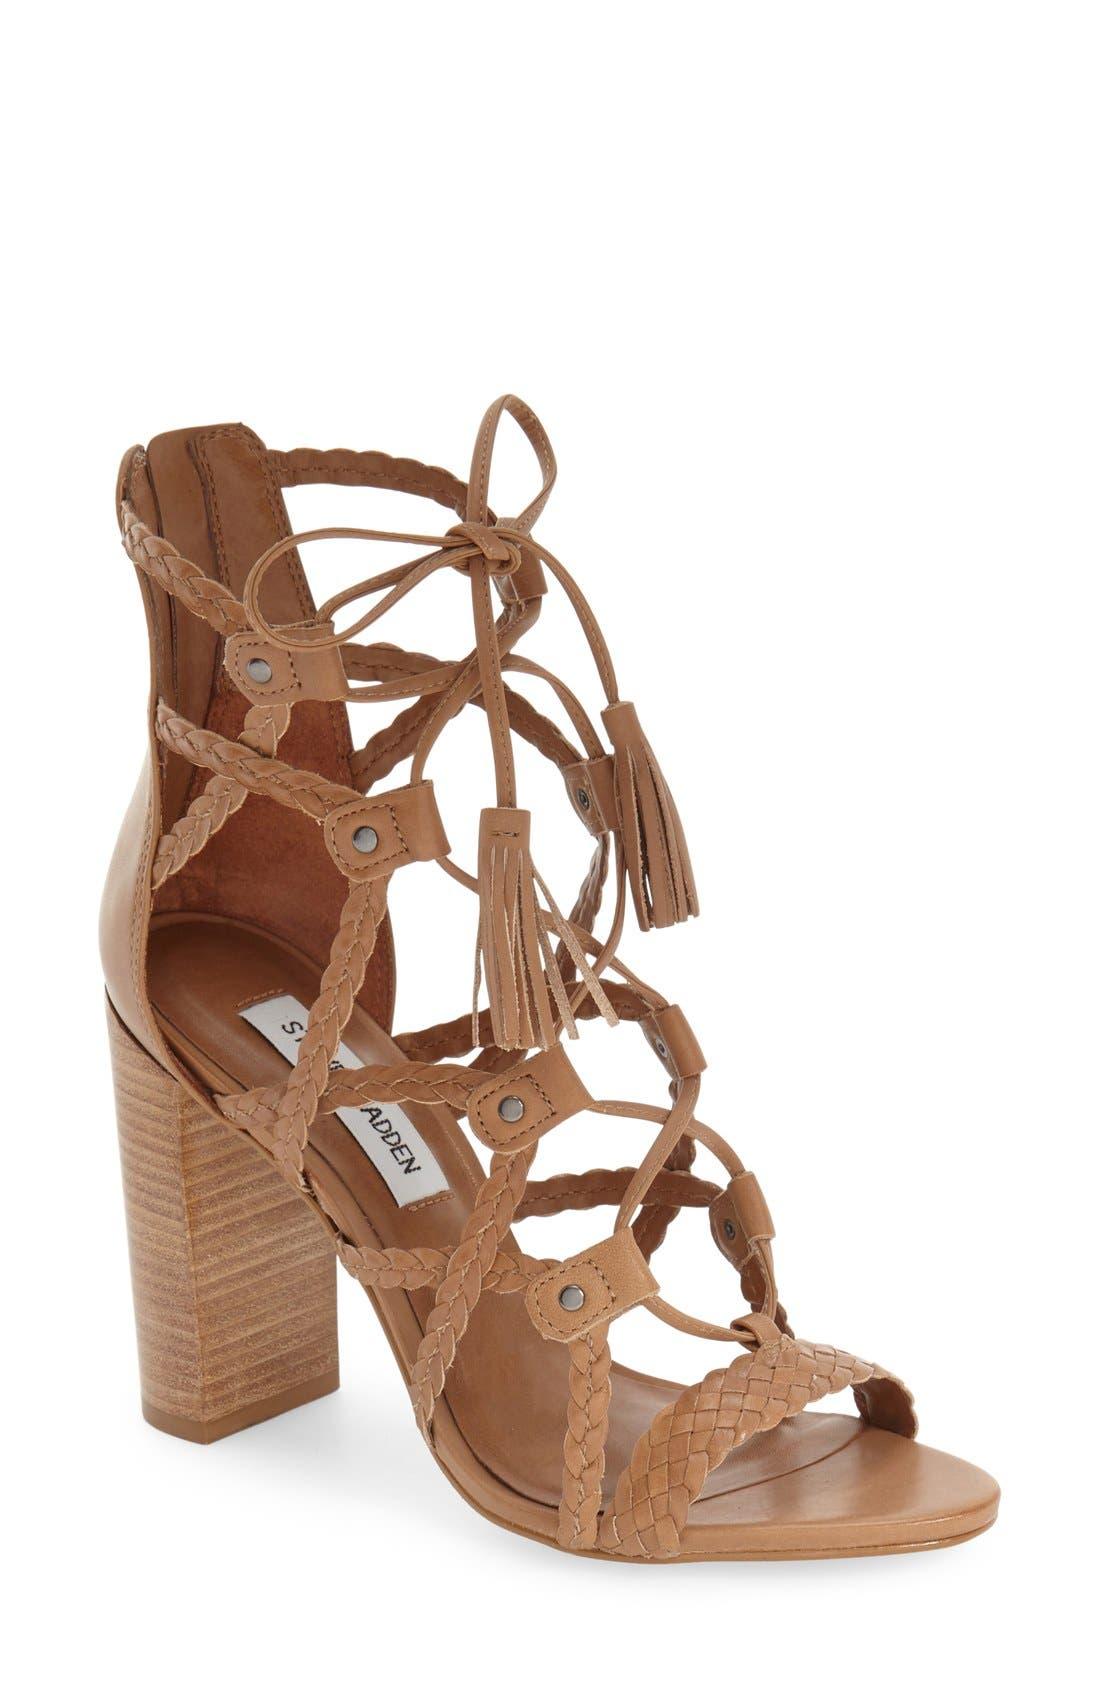 Alternate Image 1 Selected - Steve Madden 'Tarrra' Ghillie Block Heel Sandal (Women)